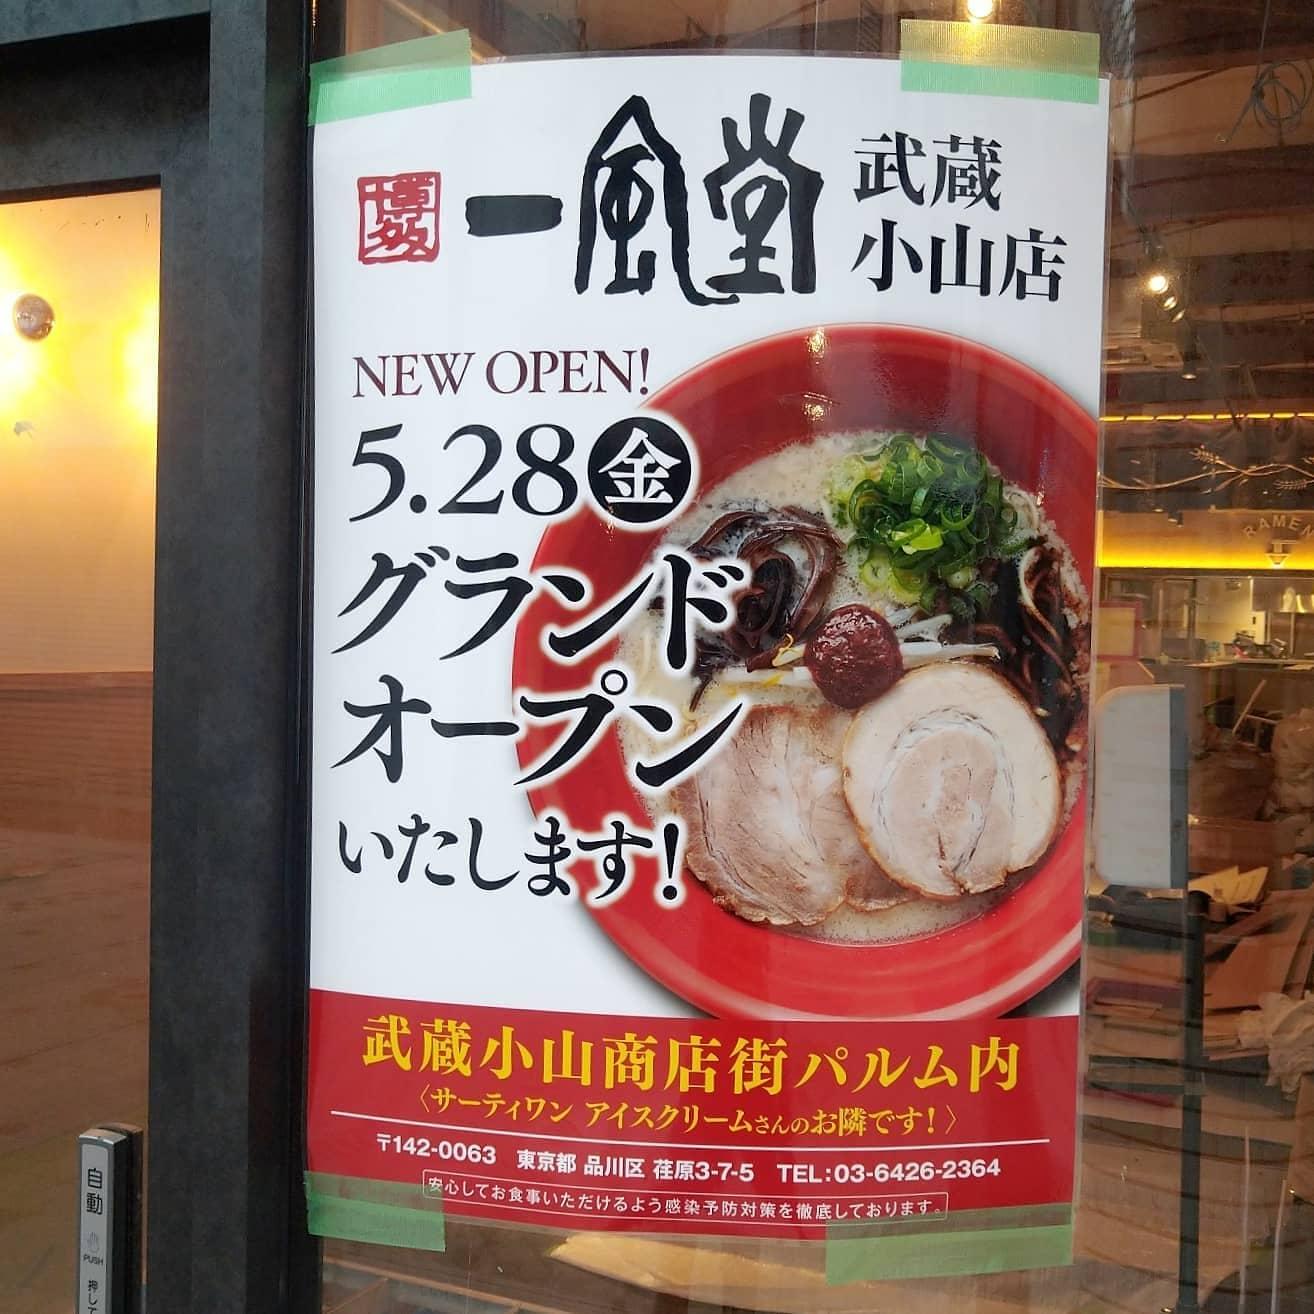 #武蔵小山新店情報 #一風堂 5月28日オープンだって!まさか一風堂が入ってくるとは思いませんでしたな。楽しみだね!場所は、駅から中原街道方面に歩いて31アイスの隣だね。武蔵小山グルメ情報まとめブログ〜本店〜→https://musashikoyama.samuraicat.jp/※本店だと地図見やすくなっとります。#武蔵小山 #武蔵小山情報 #武蔵小山ランチ #ランチ #グルメ #武蔵小山商店街 #武蔵小山パルム #武蔵小山商店街パルム #武蔵小山駅 #武蔵小山グルメ #武蔵小山ランチ #武蔵小山ディナー #武蔵小山食事 #武蔵小山モーニング #東京 #東京グルメ #東京 #東京グルメ  #musashikoyama #tokyofood #tokyo #ラーメン